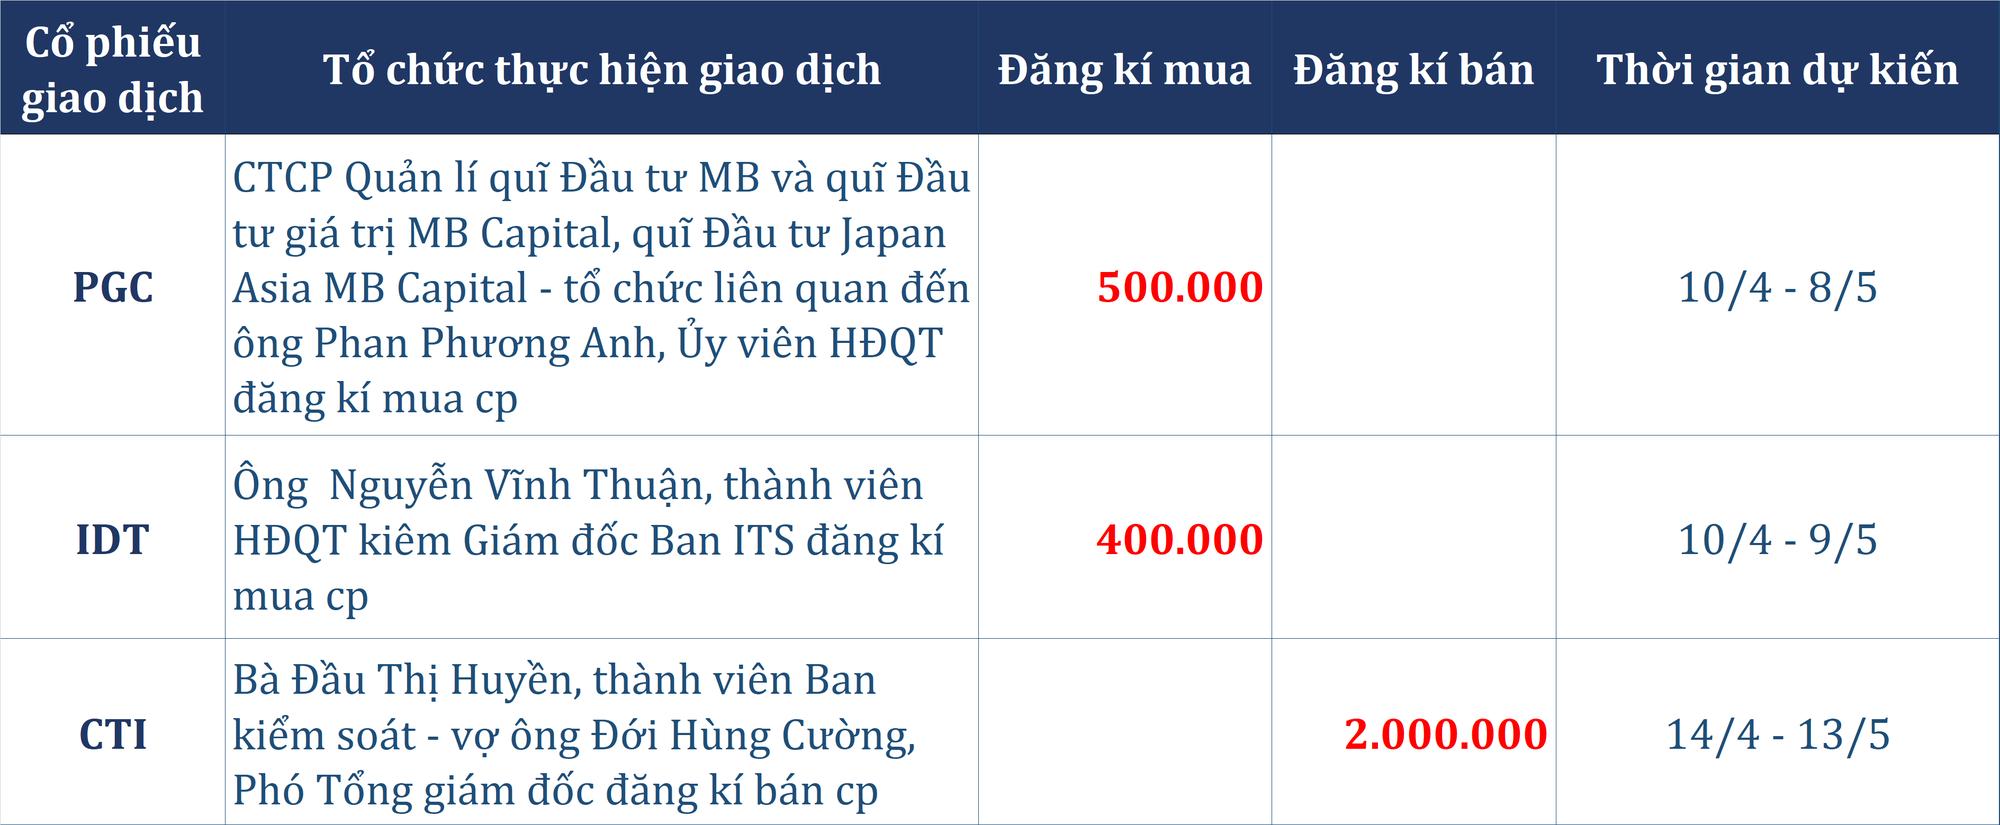 Dòng tiền thông minh 8/4: Tự doanh cùng khối ngoại xả hơn 400 tỉ đồng toàn thị trường, bán ròng trăm tỉ mã VIC - Ảnh 4.